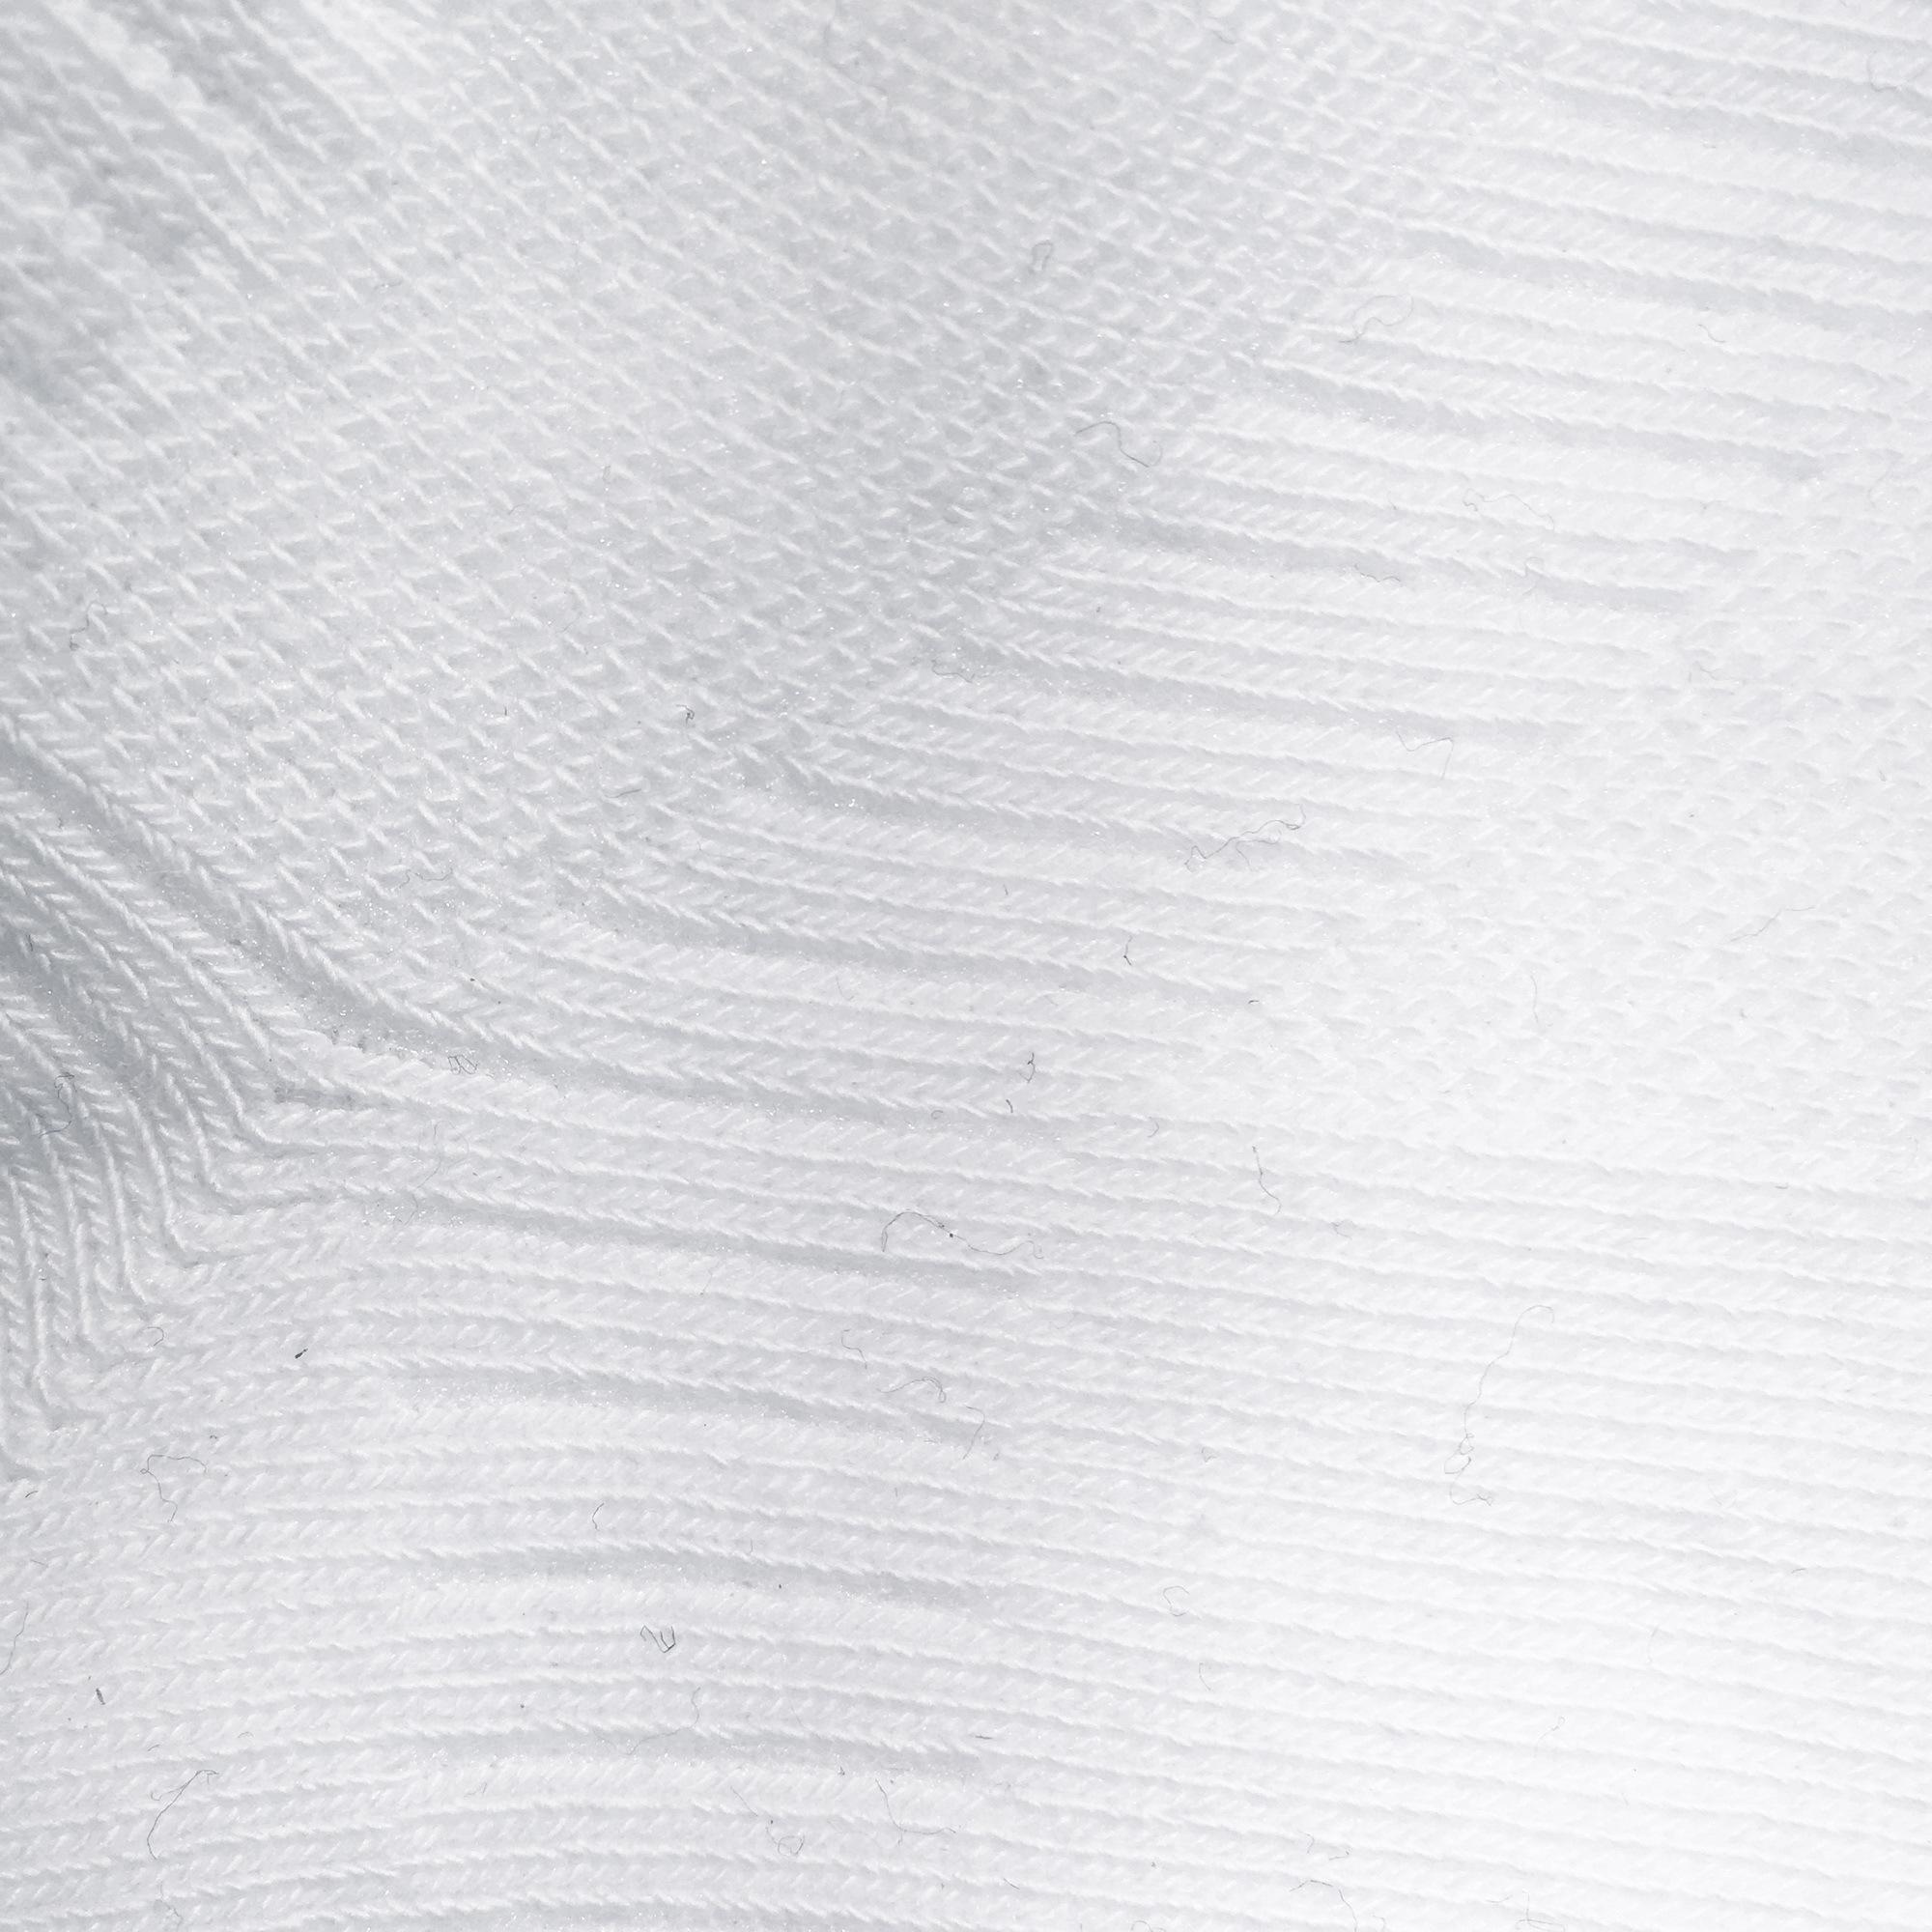 Носки мужские Atlantic, 1 пара в уп., хлопок, белые, М2MSC-001